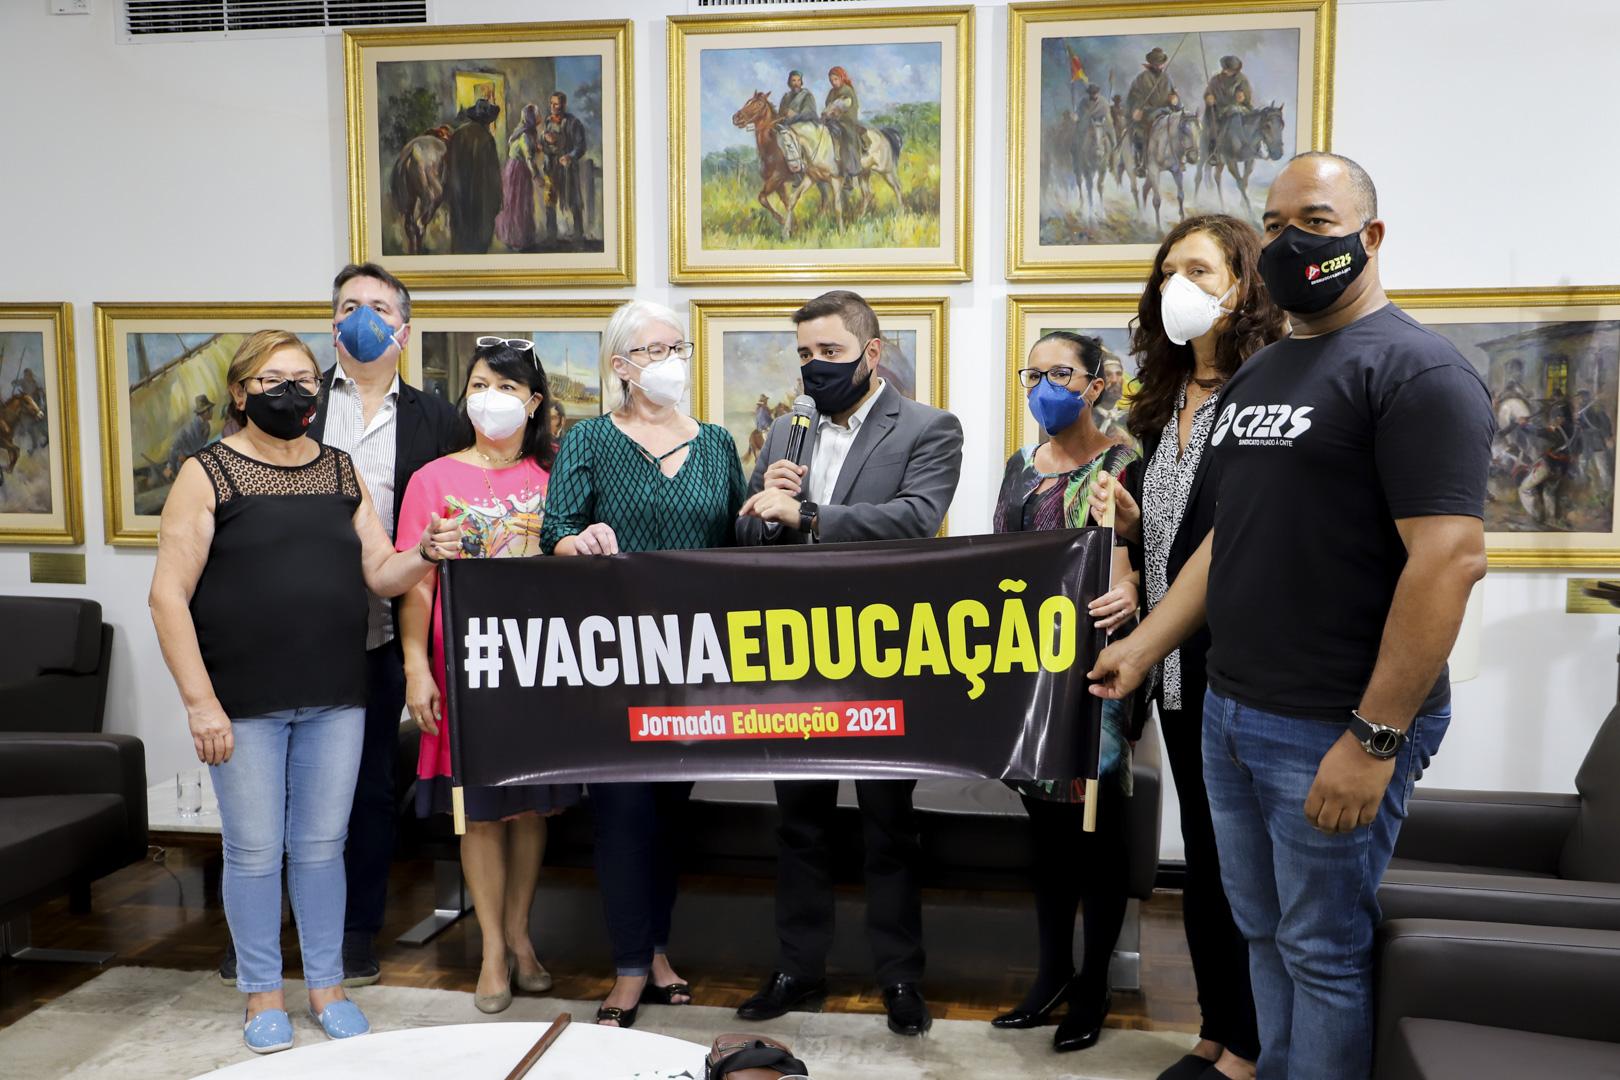 CPERS cobra celeridade para vacinação da categoria em reunião com presidente da Assembleia Legislativa